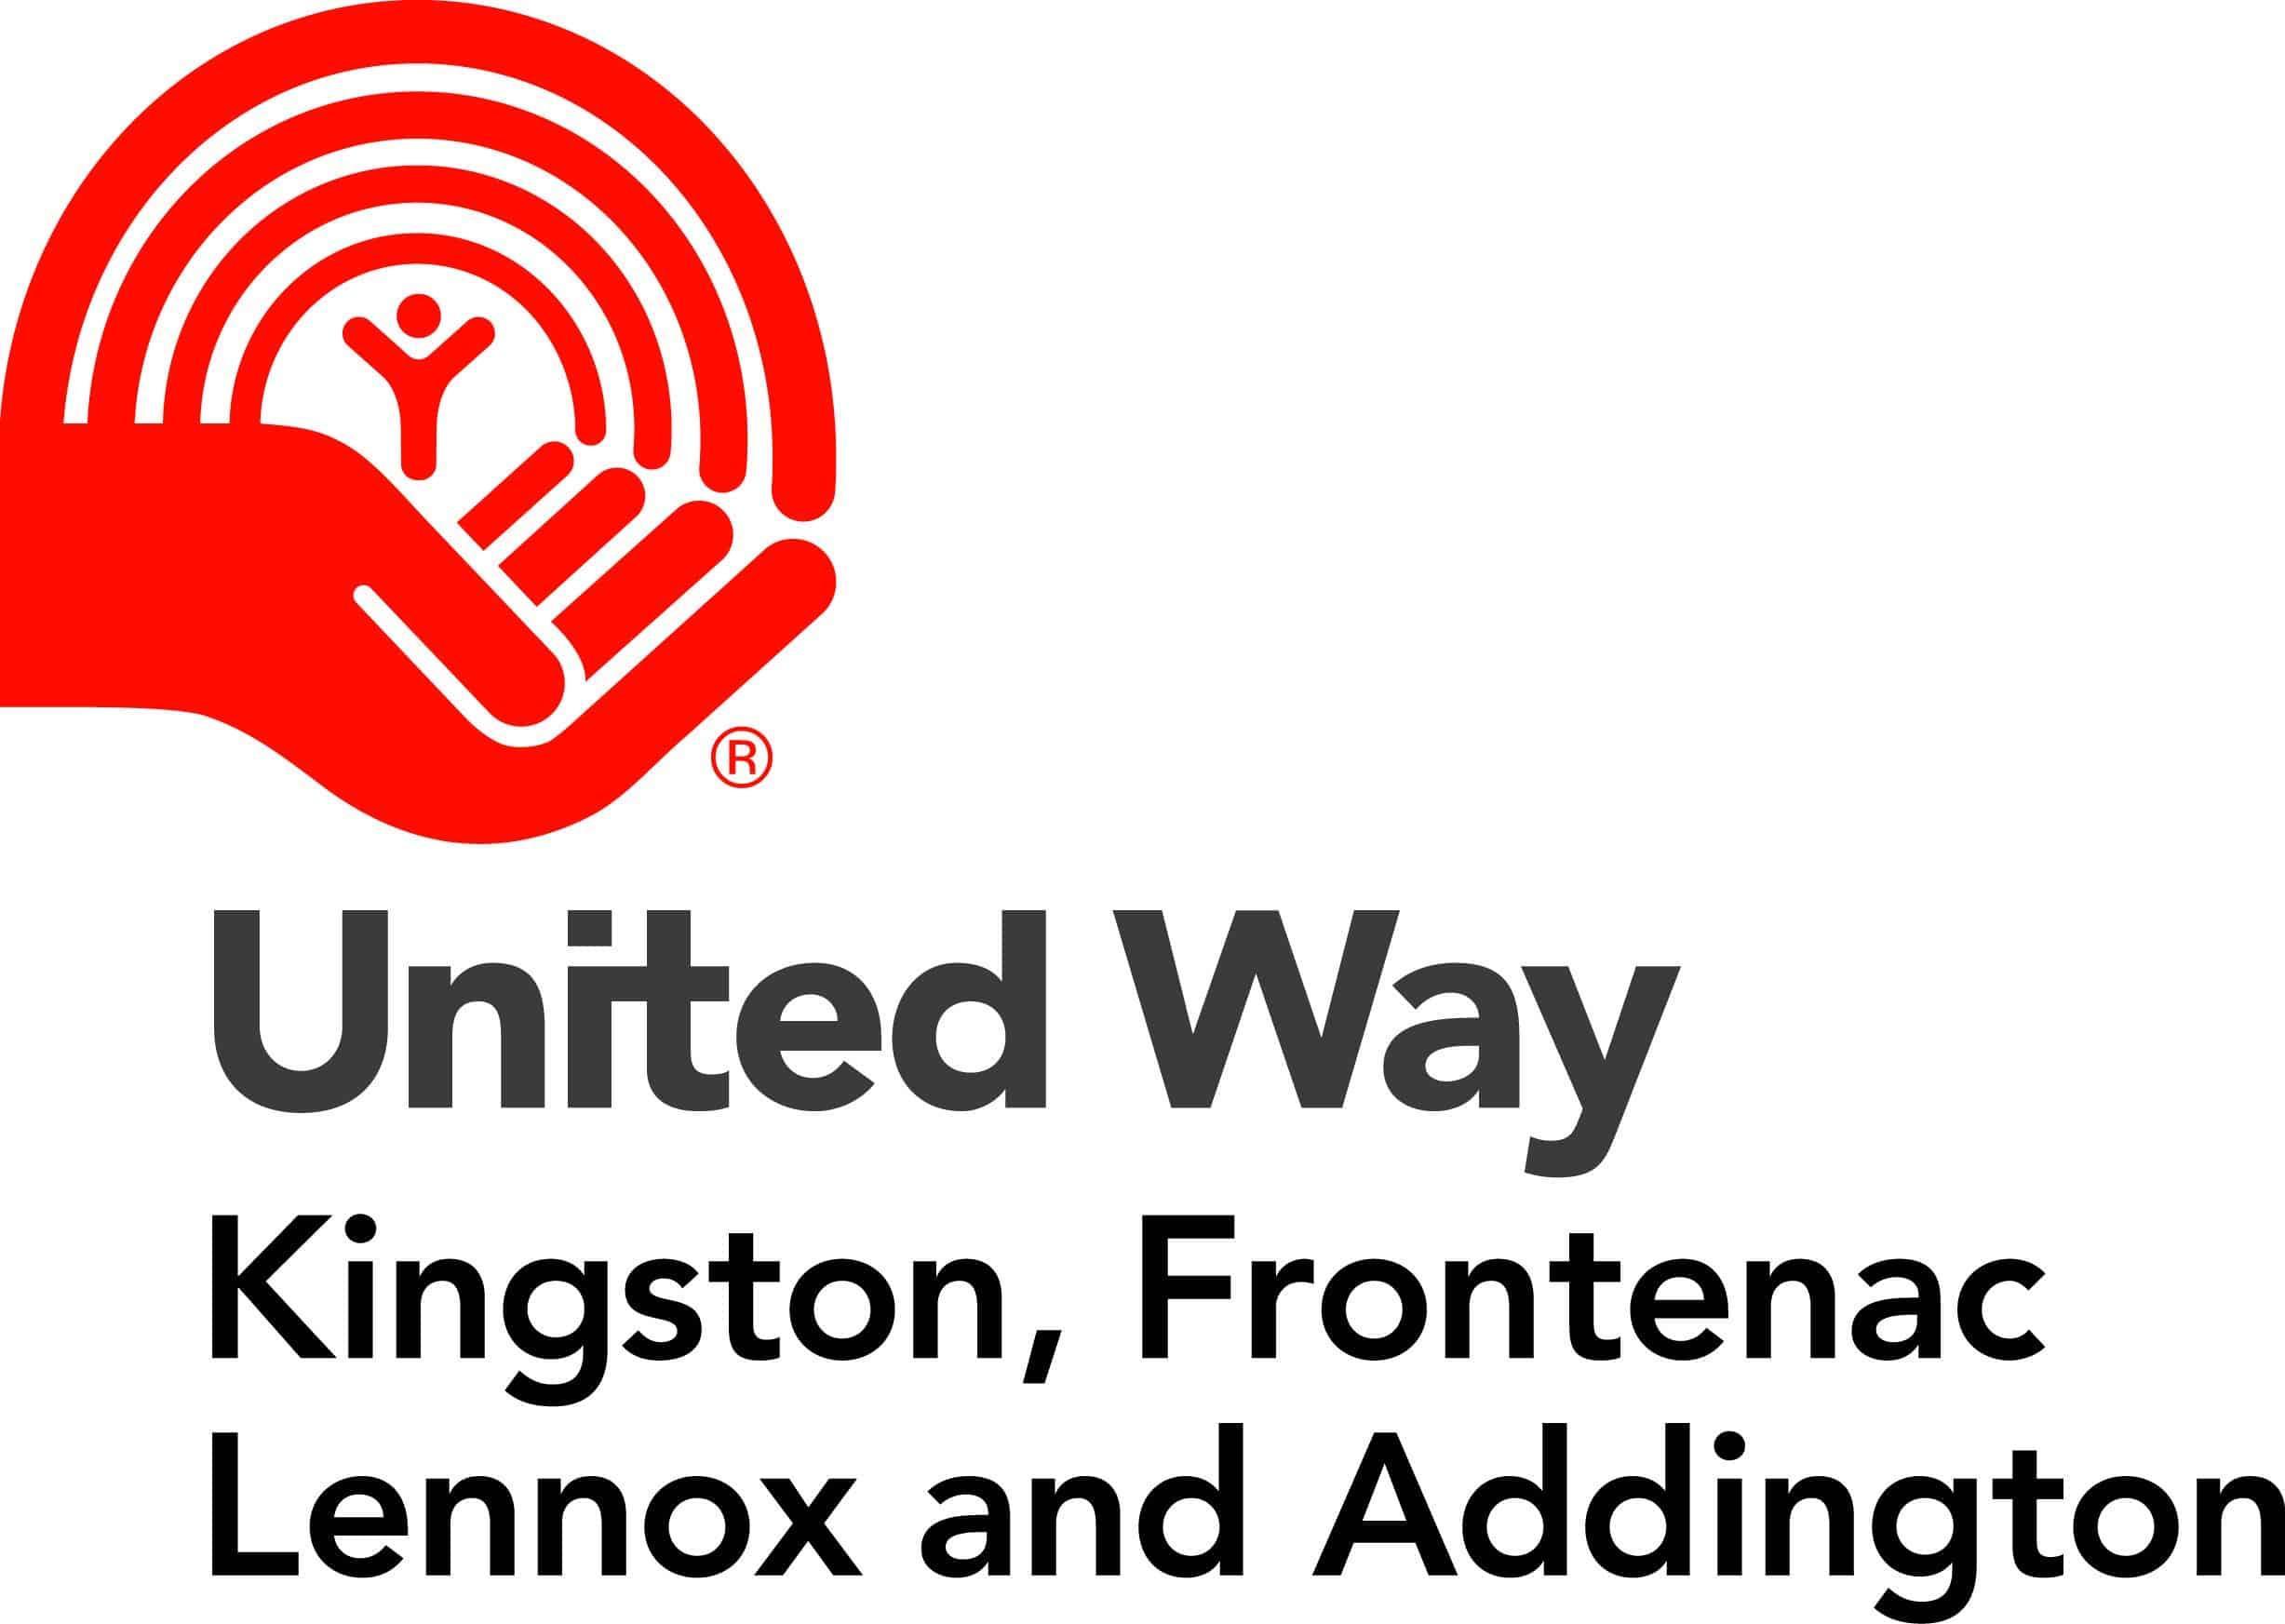 United Way KFLA